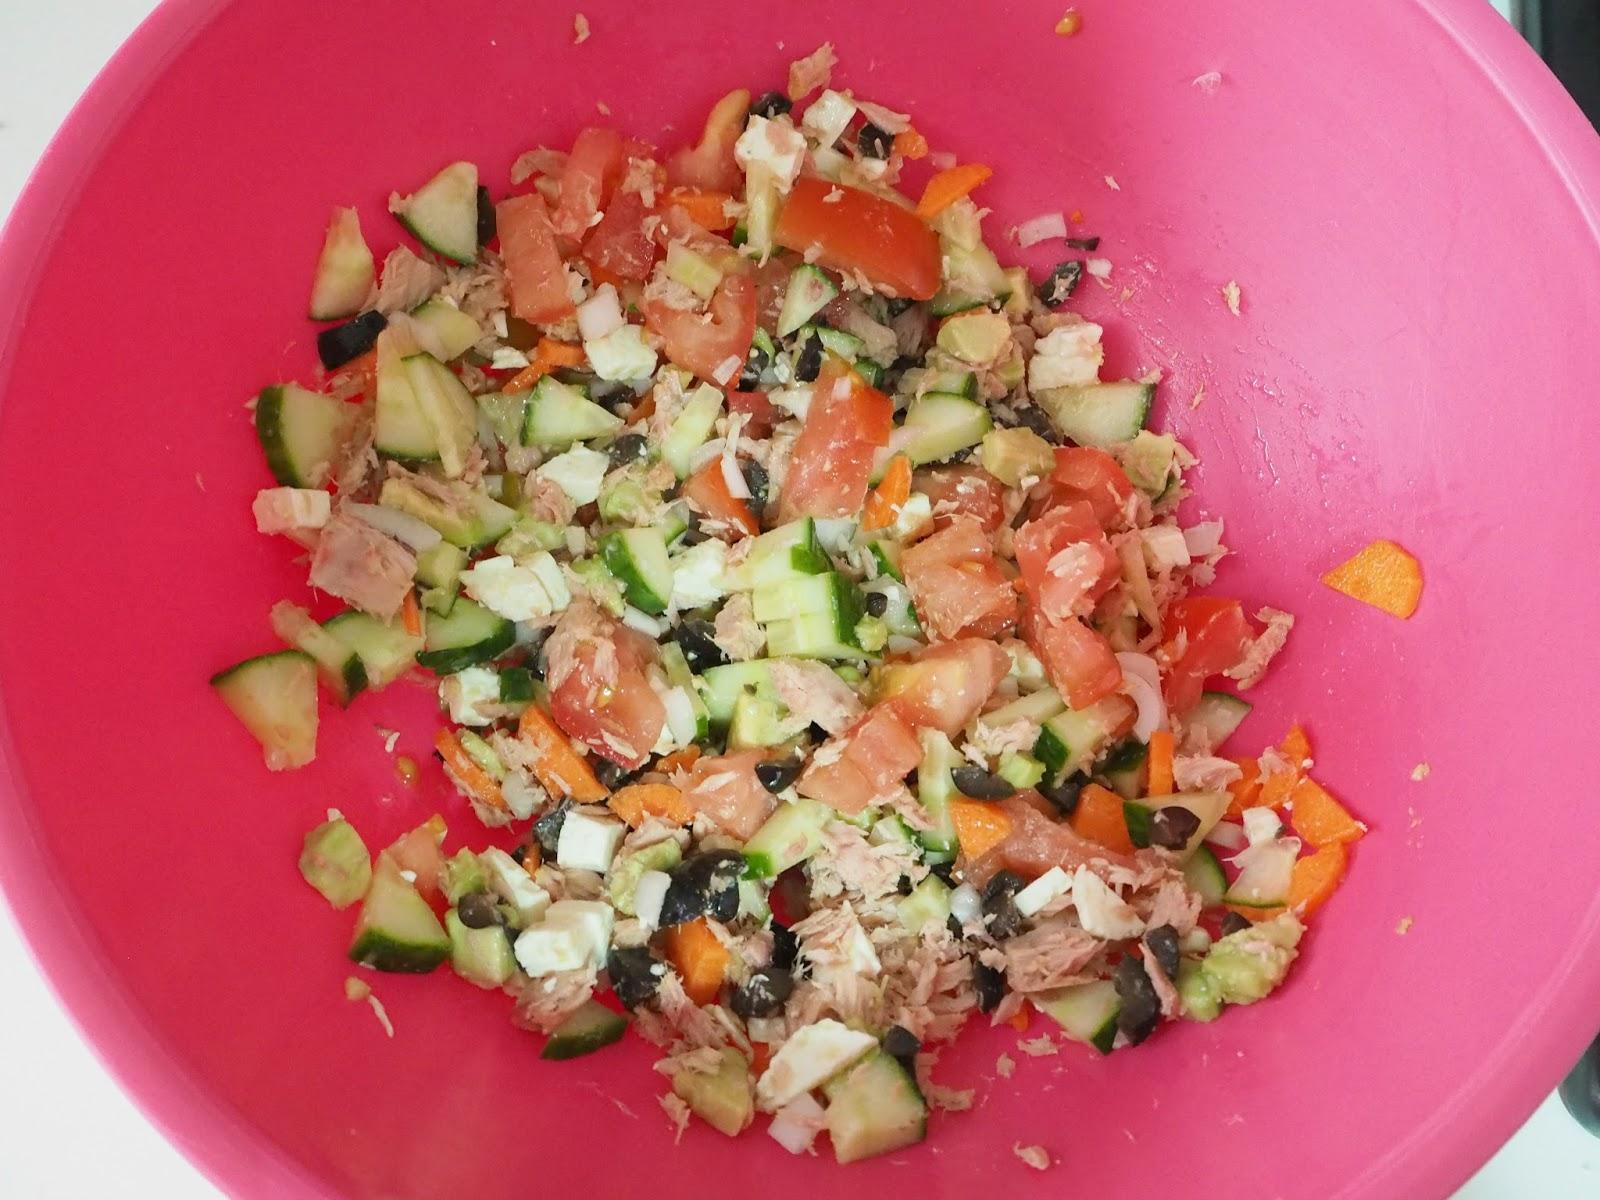 Mins cocina ensalada veraniega con pasta integral for Ensalada de pasta integral